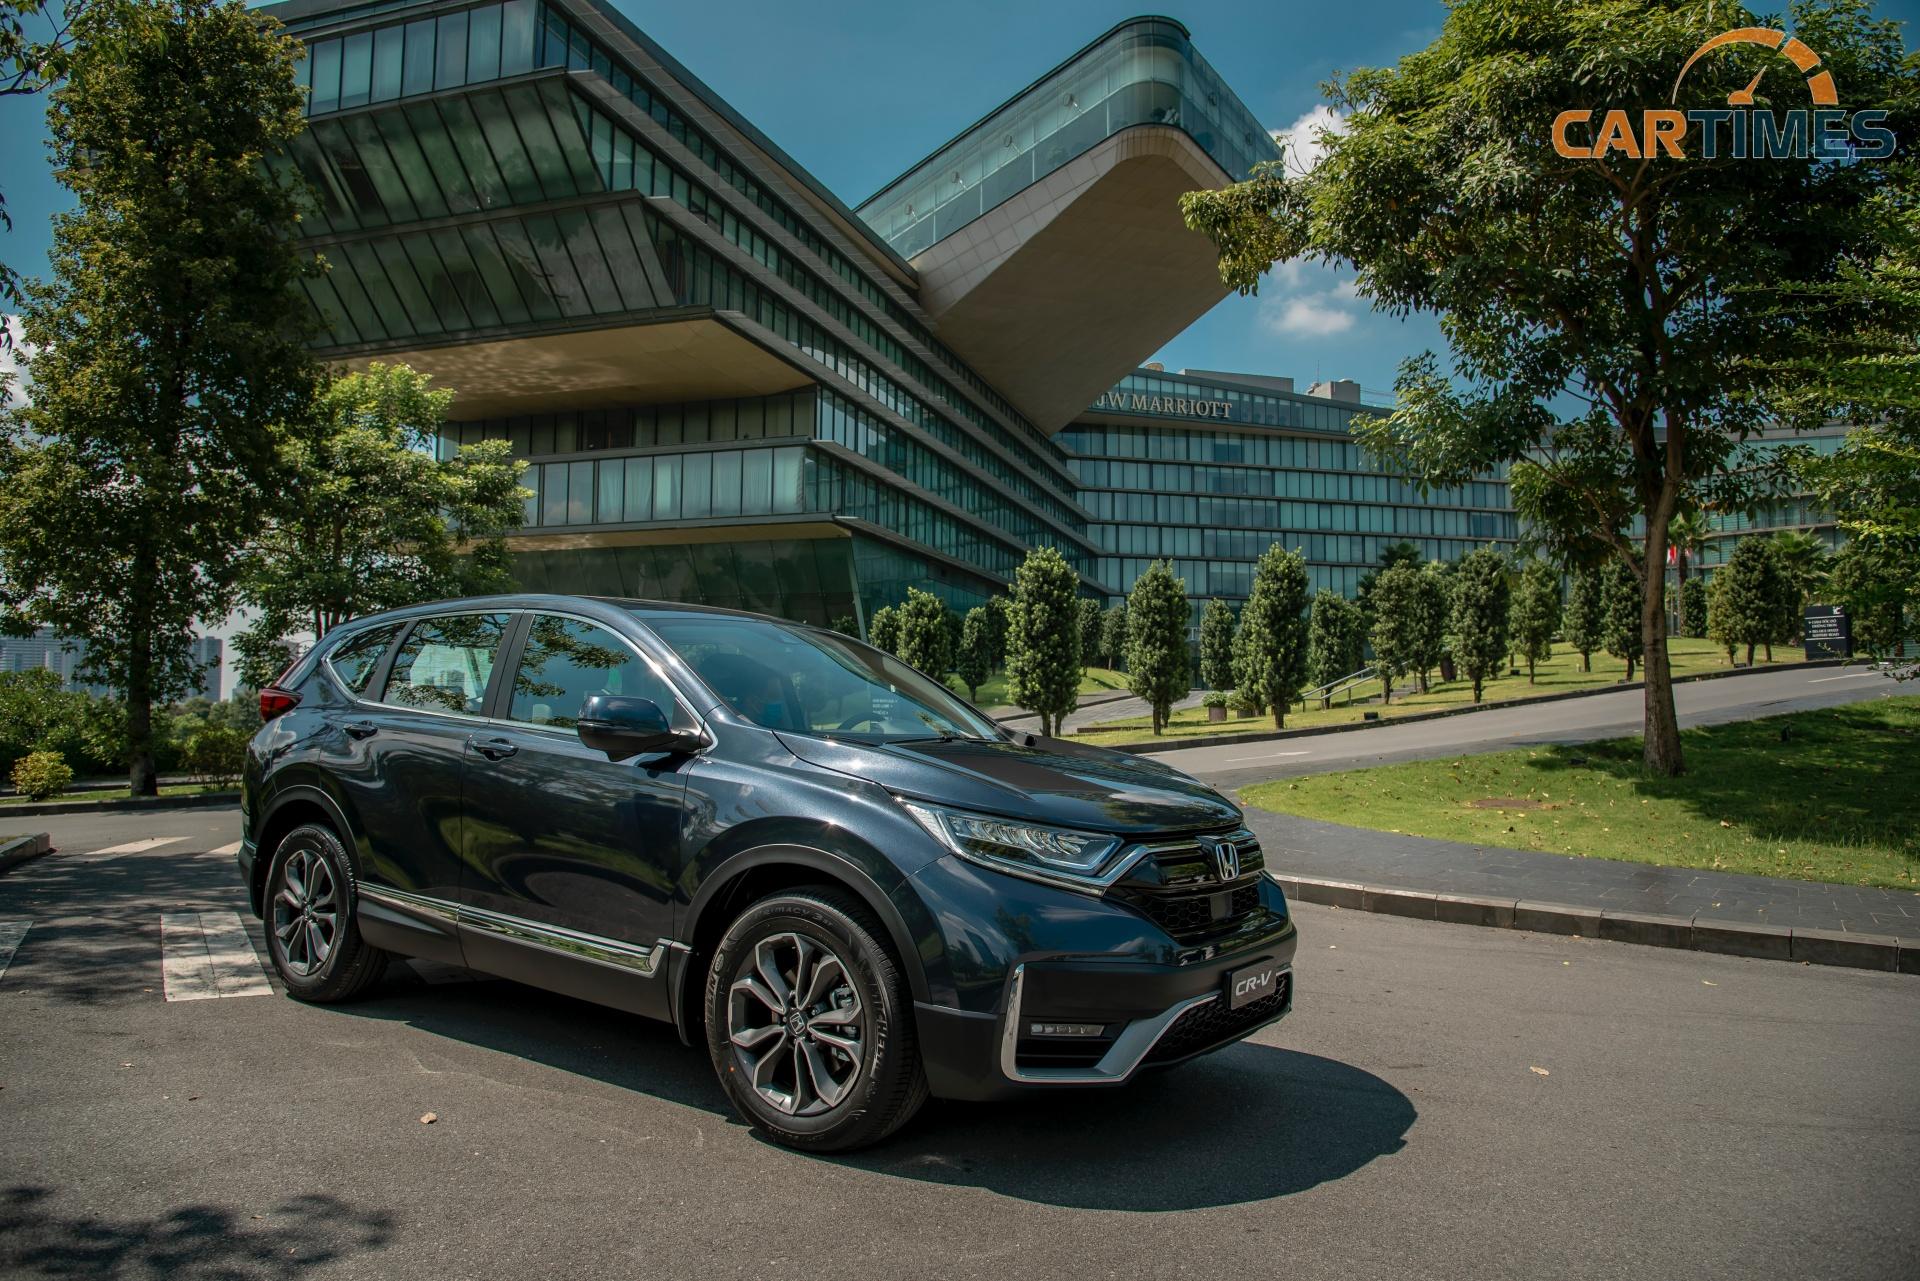 Cận cảnh mẫu xe CR-V 2020, công nghệ Honda Sensing là điểm nhấn